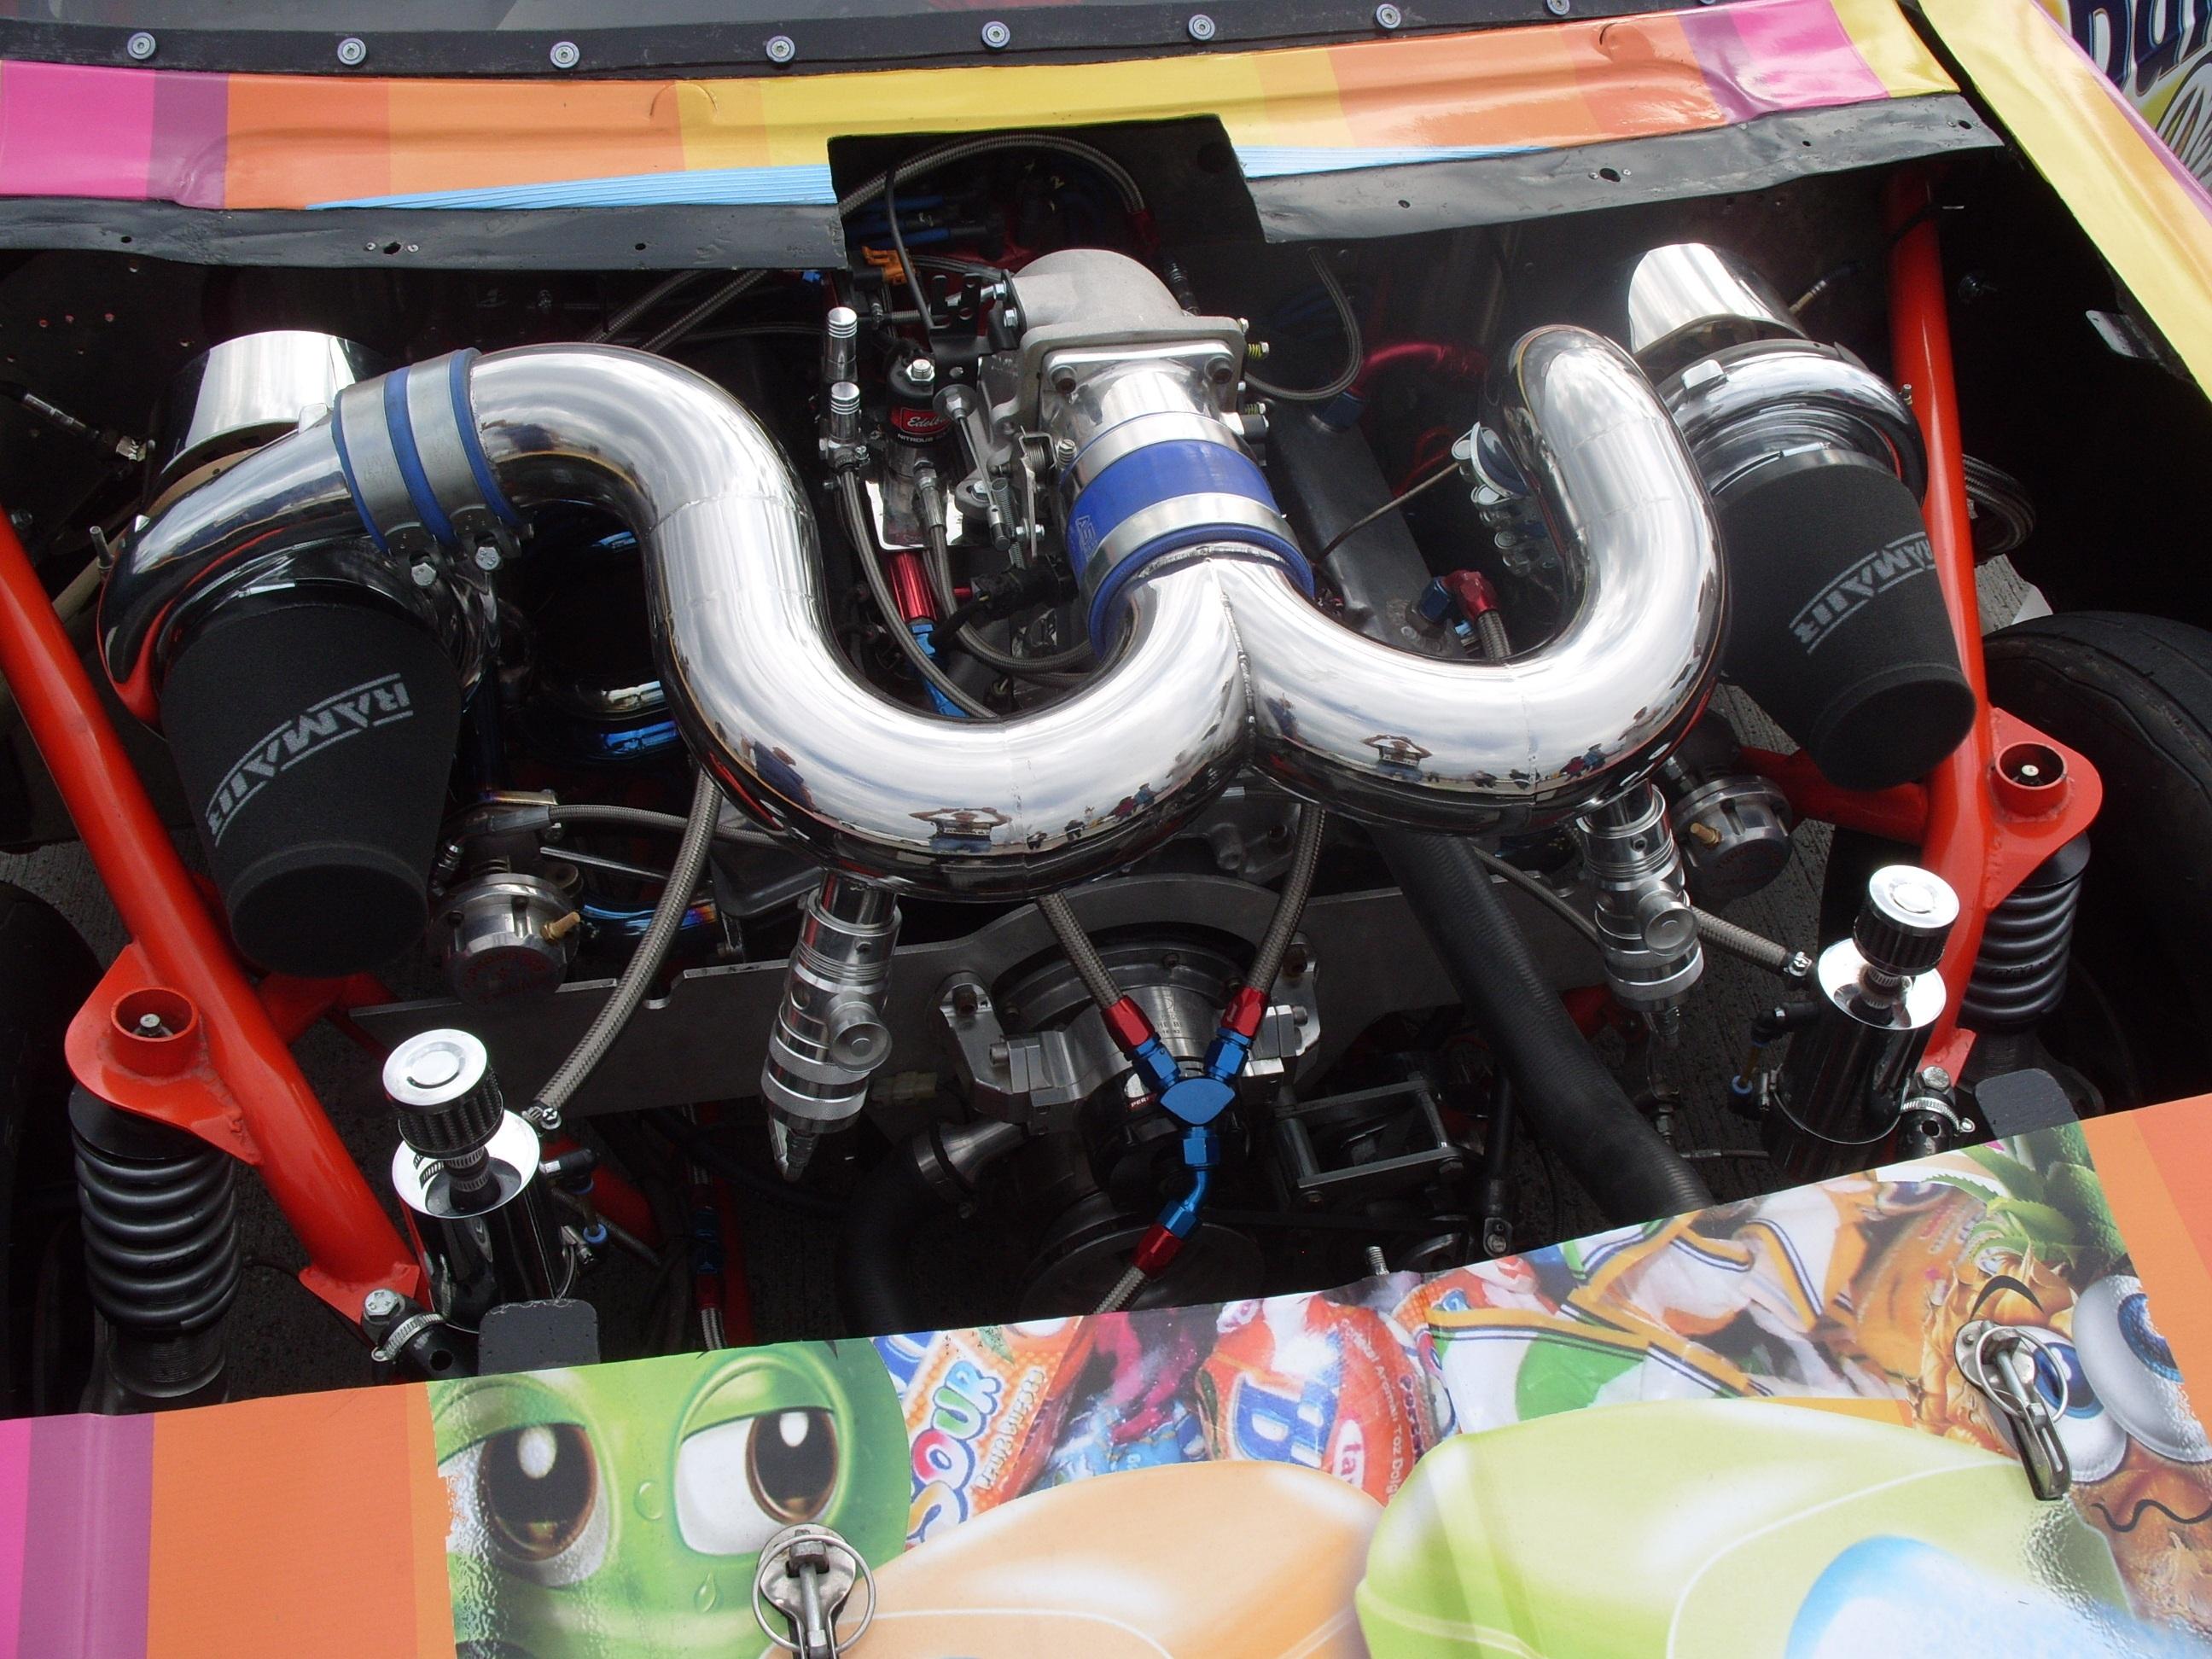 Fotoğraf Araç Spor Araba Yarış Arabası Canavar Acımasız